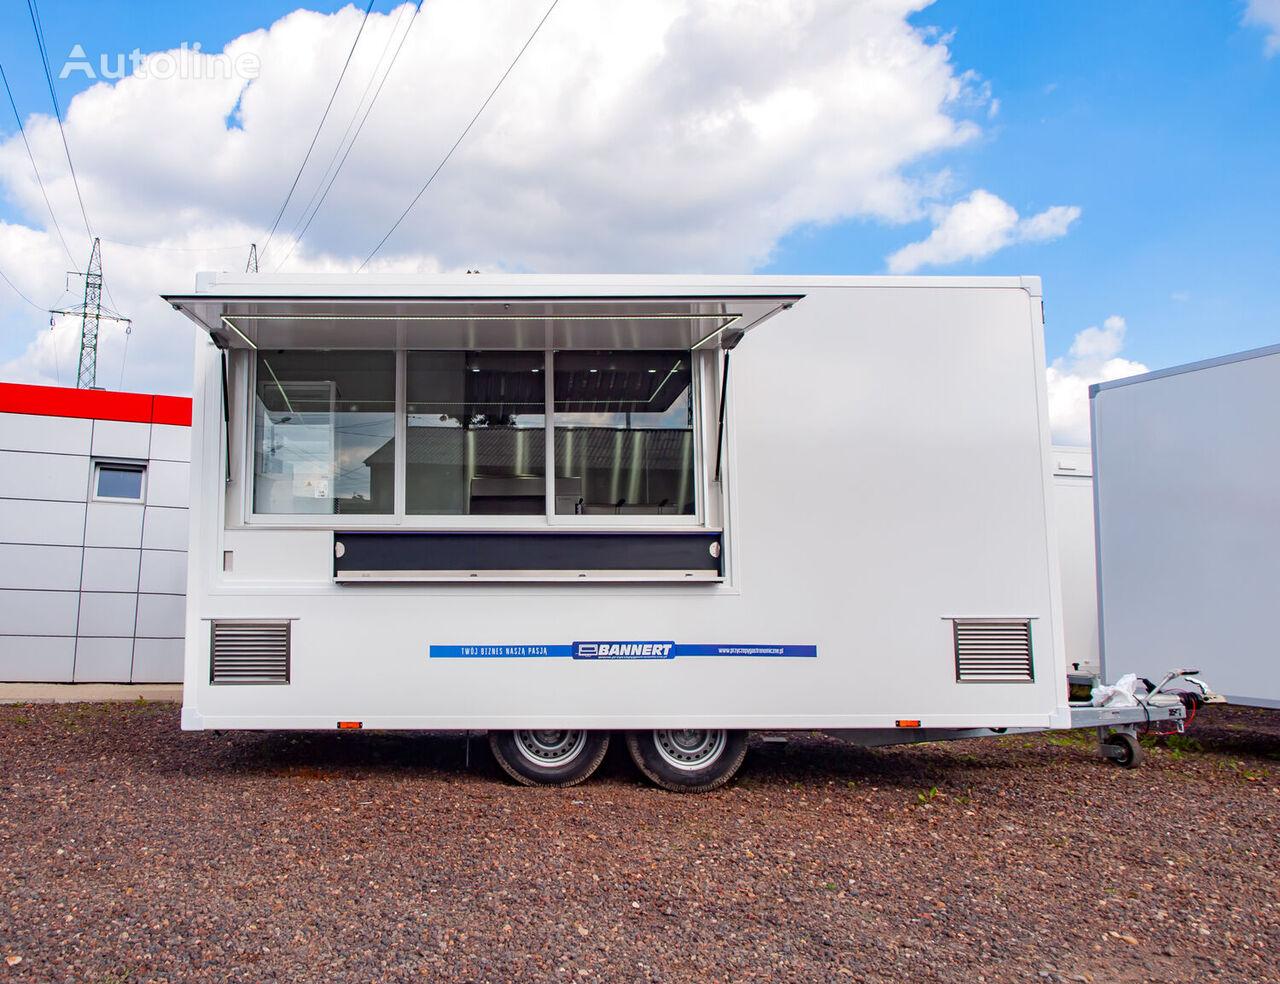 new BANNERT Przyczepa gastronomiczna 4,5 M vending trailer